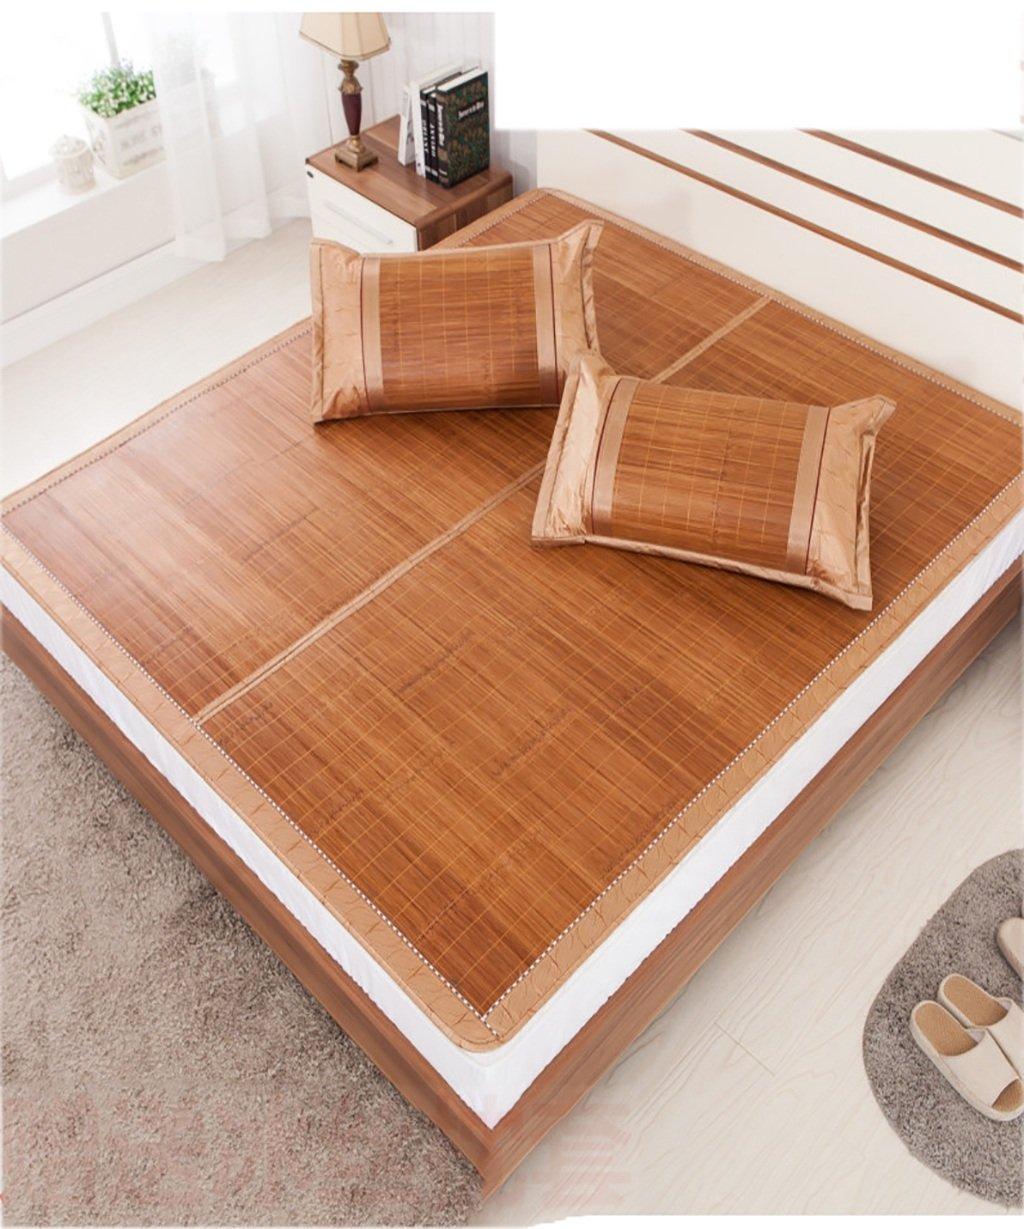 WENZHE Matratzen Strohmatte Teppiche Bambus Sommer Schlafmatten Haushalt Atmungsaktiv Faltbar Matten (Farbe : A, größe : 1.8  2.2m)